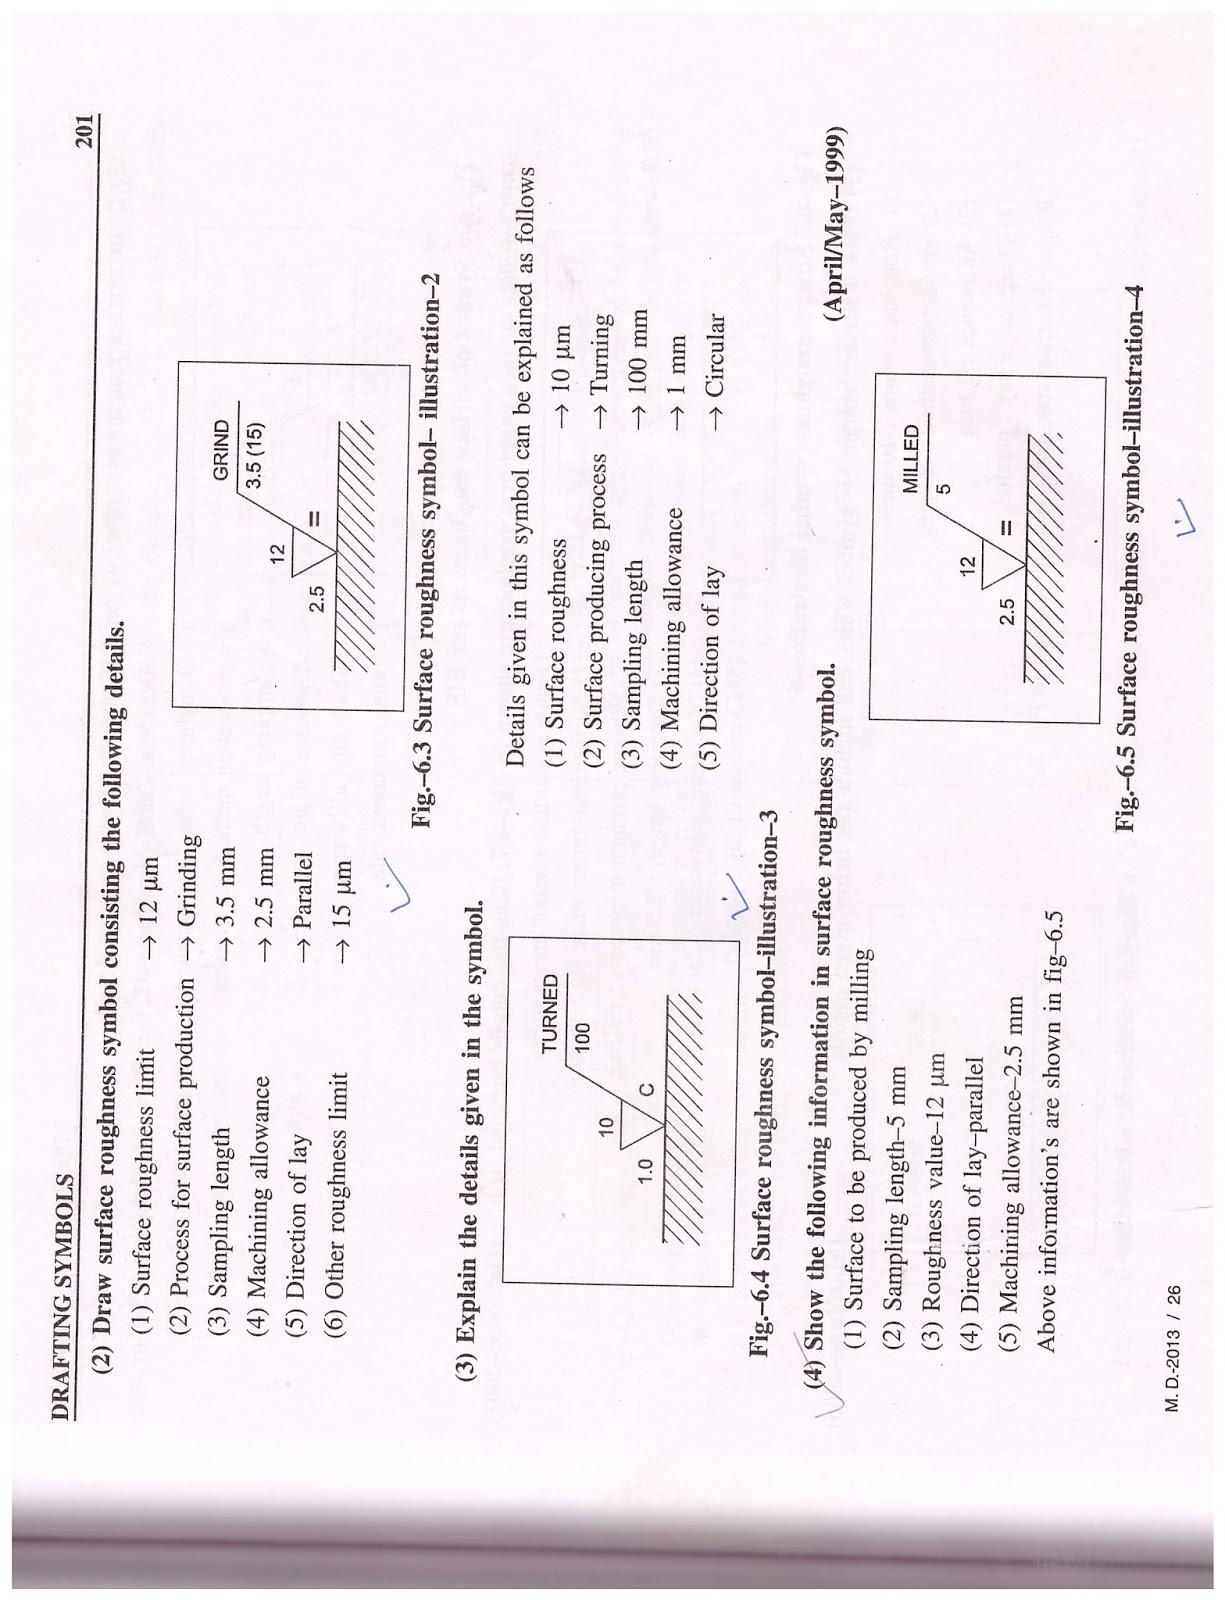 Gp bhuj mechanical drafting submission 6 drafting symbol buycottarizona Choice Image